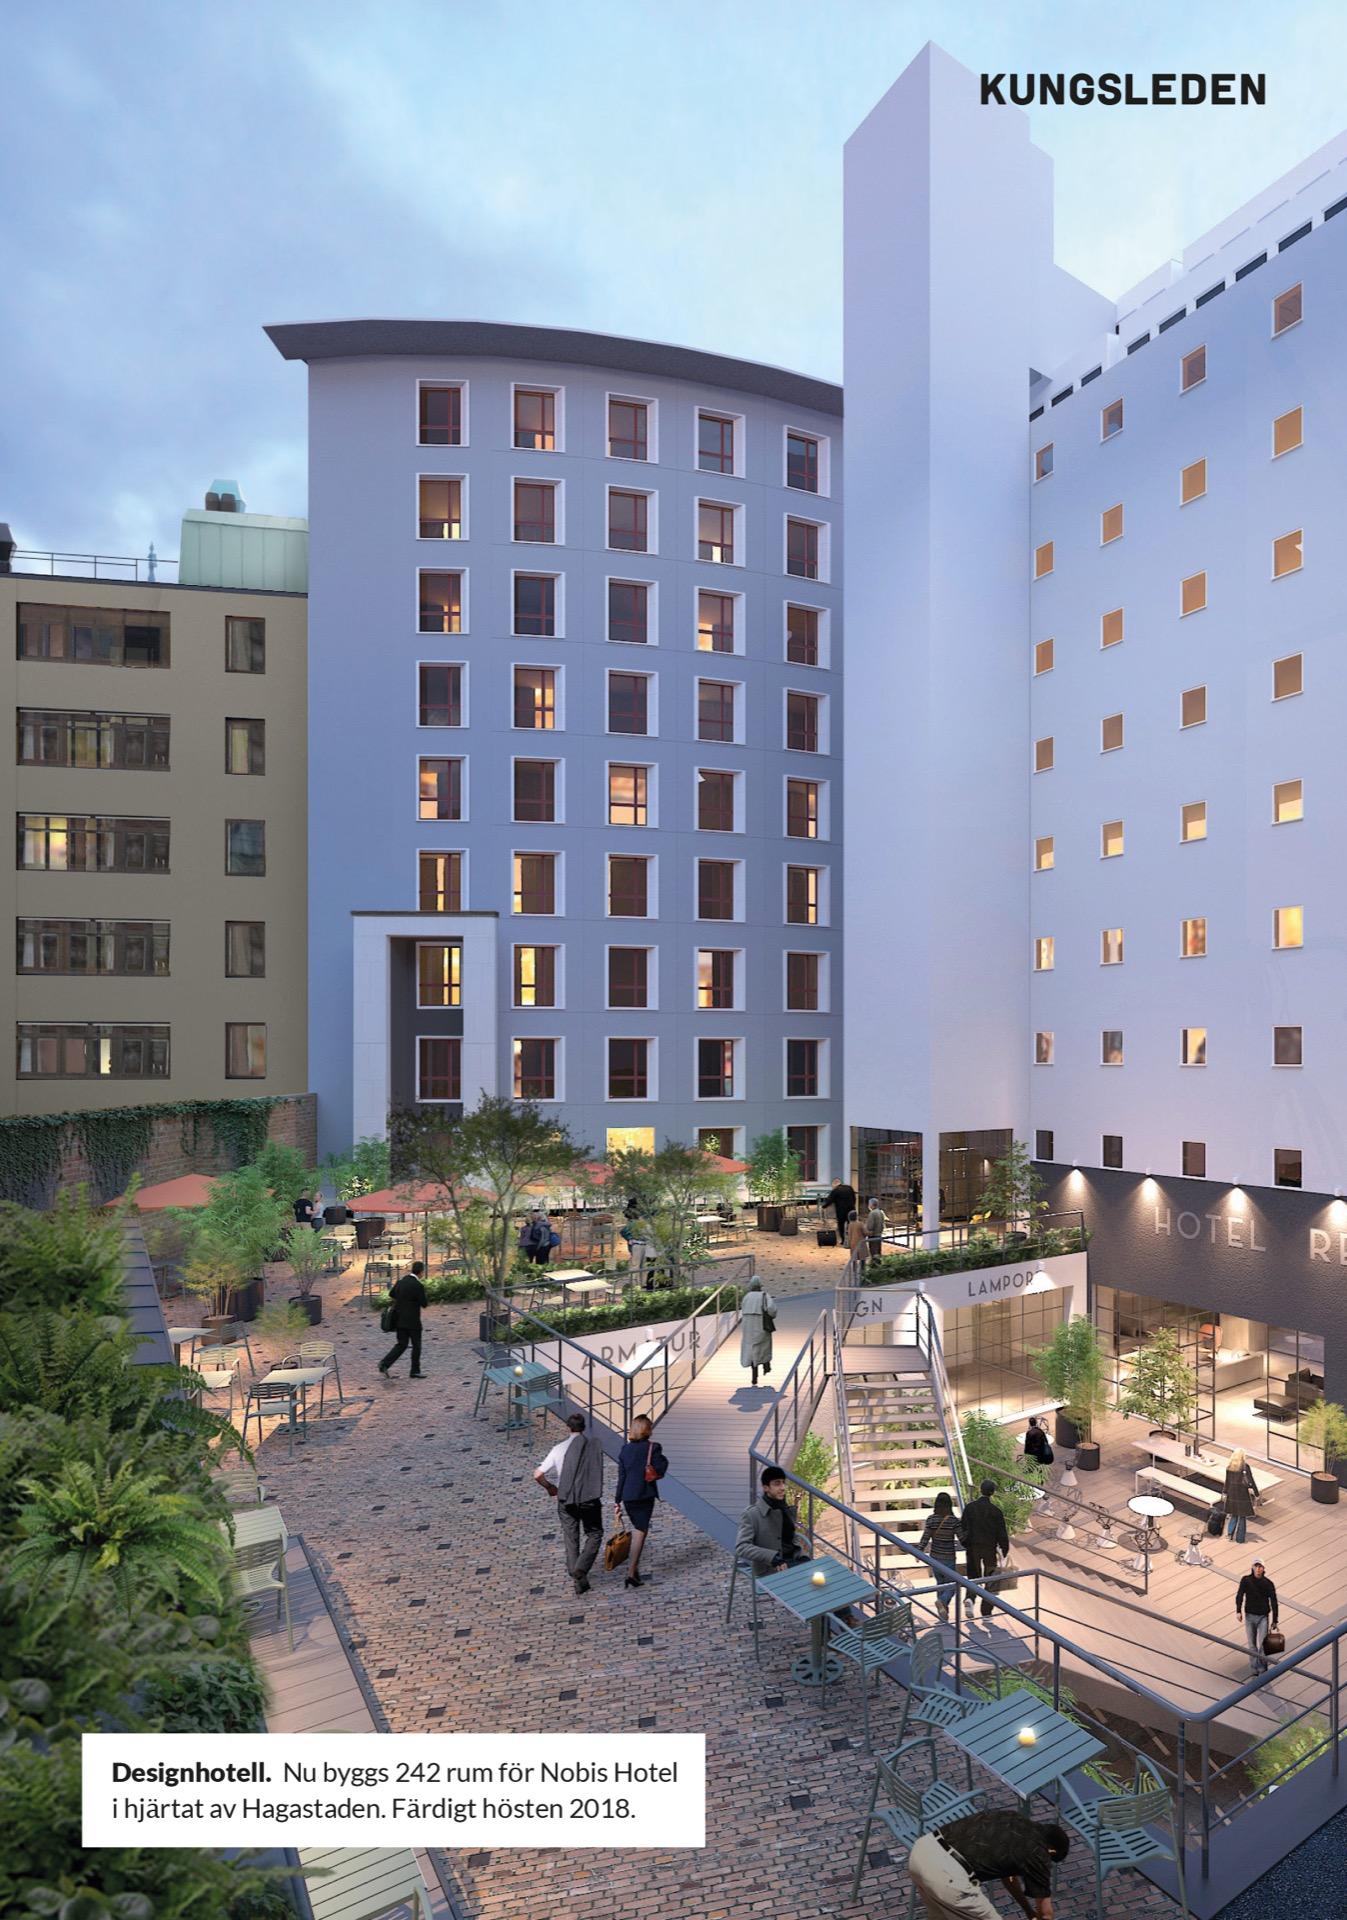 Designhotell. Nu byggs 242 rum för Nobis Hotel i hjärtat av Hagastaden. Färdigt hösten 2018. Kungsleden